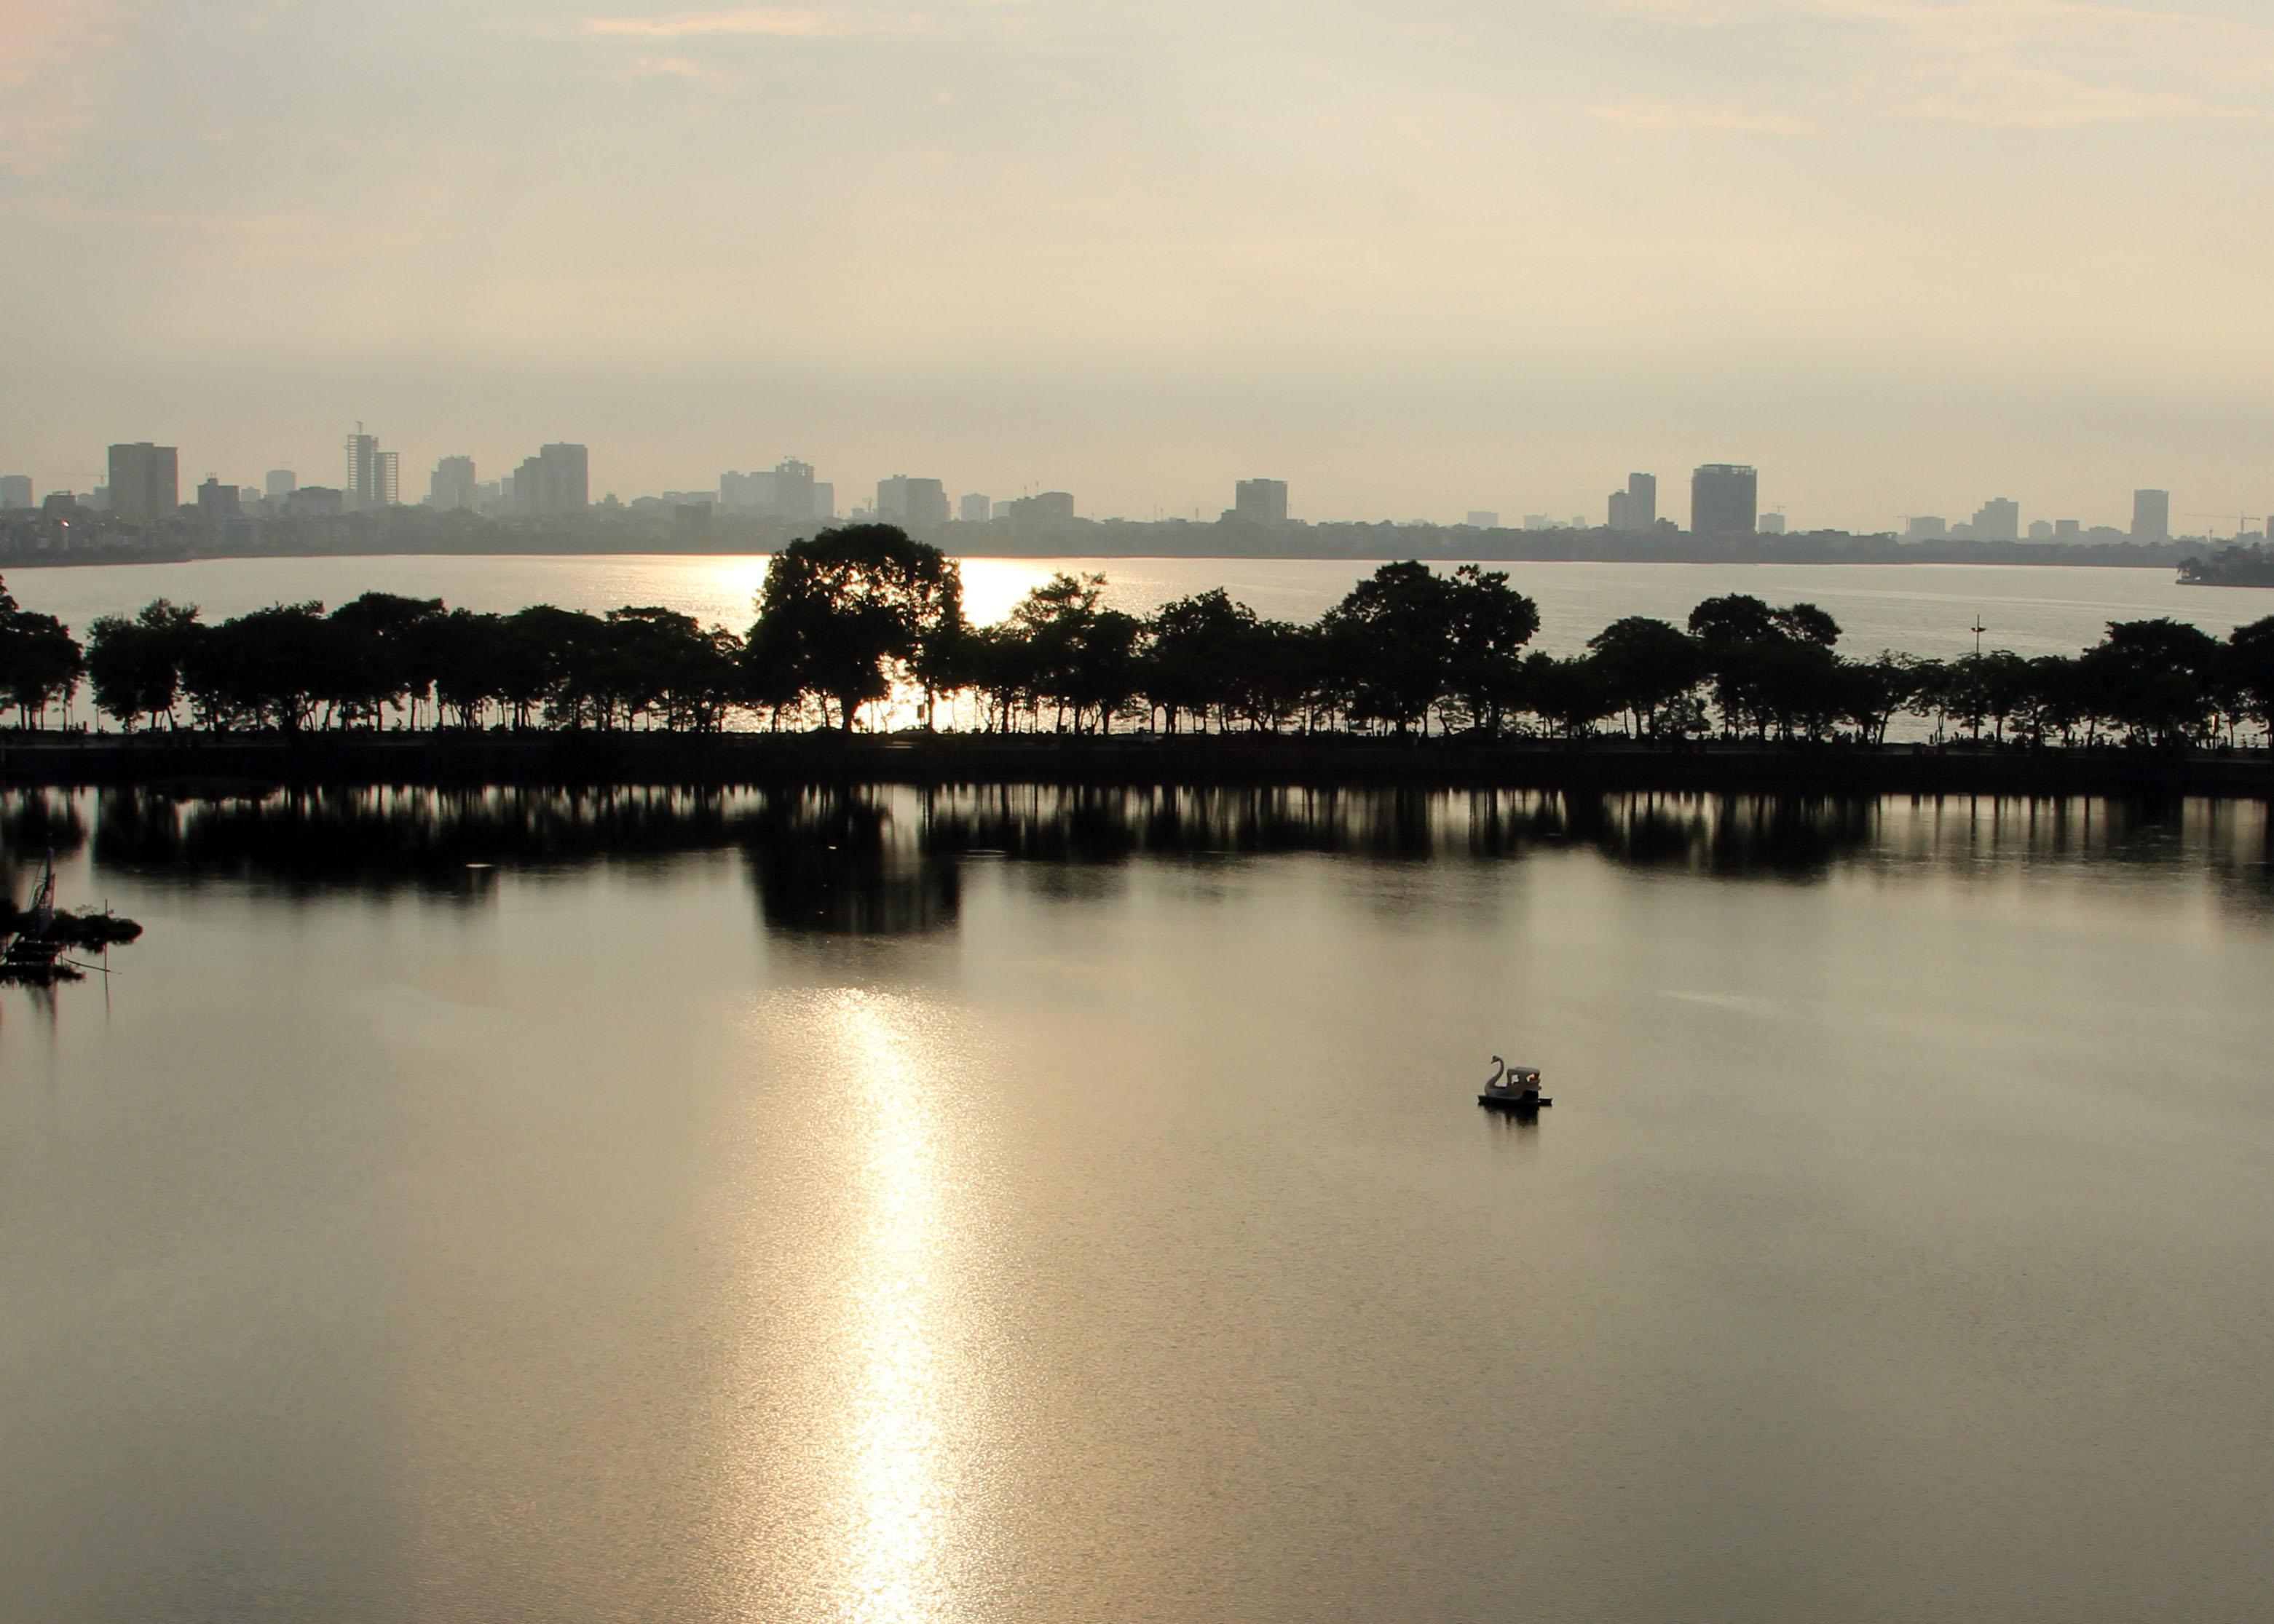 Hình ảnh toàn cảnh Hồ Tây